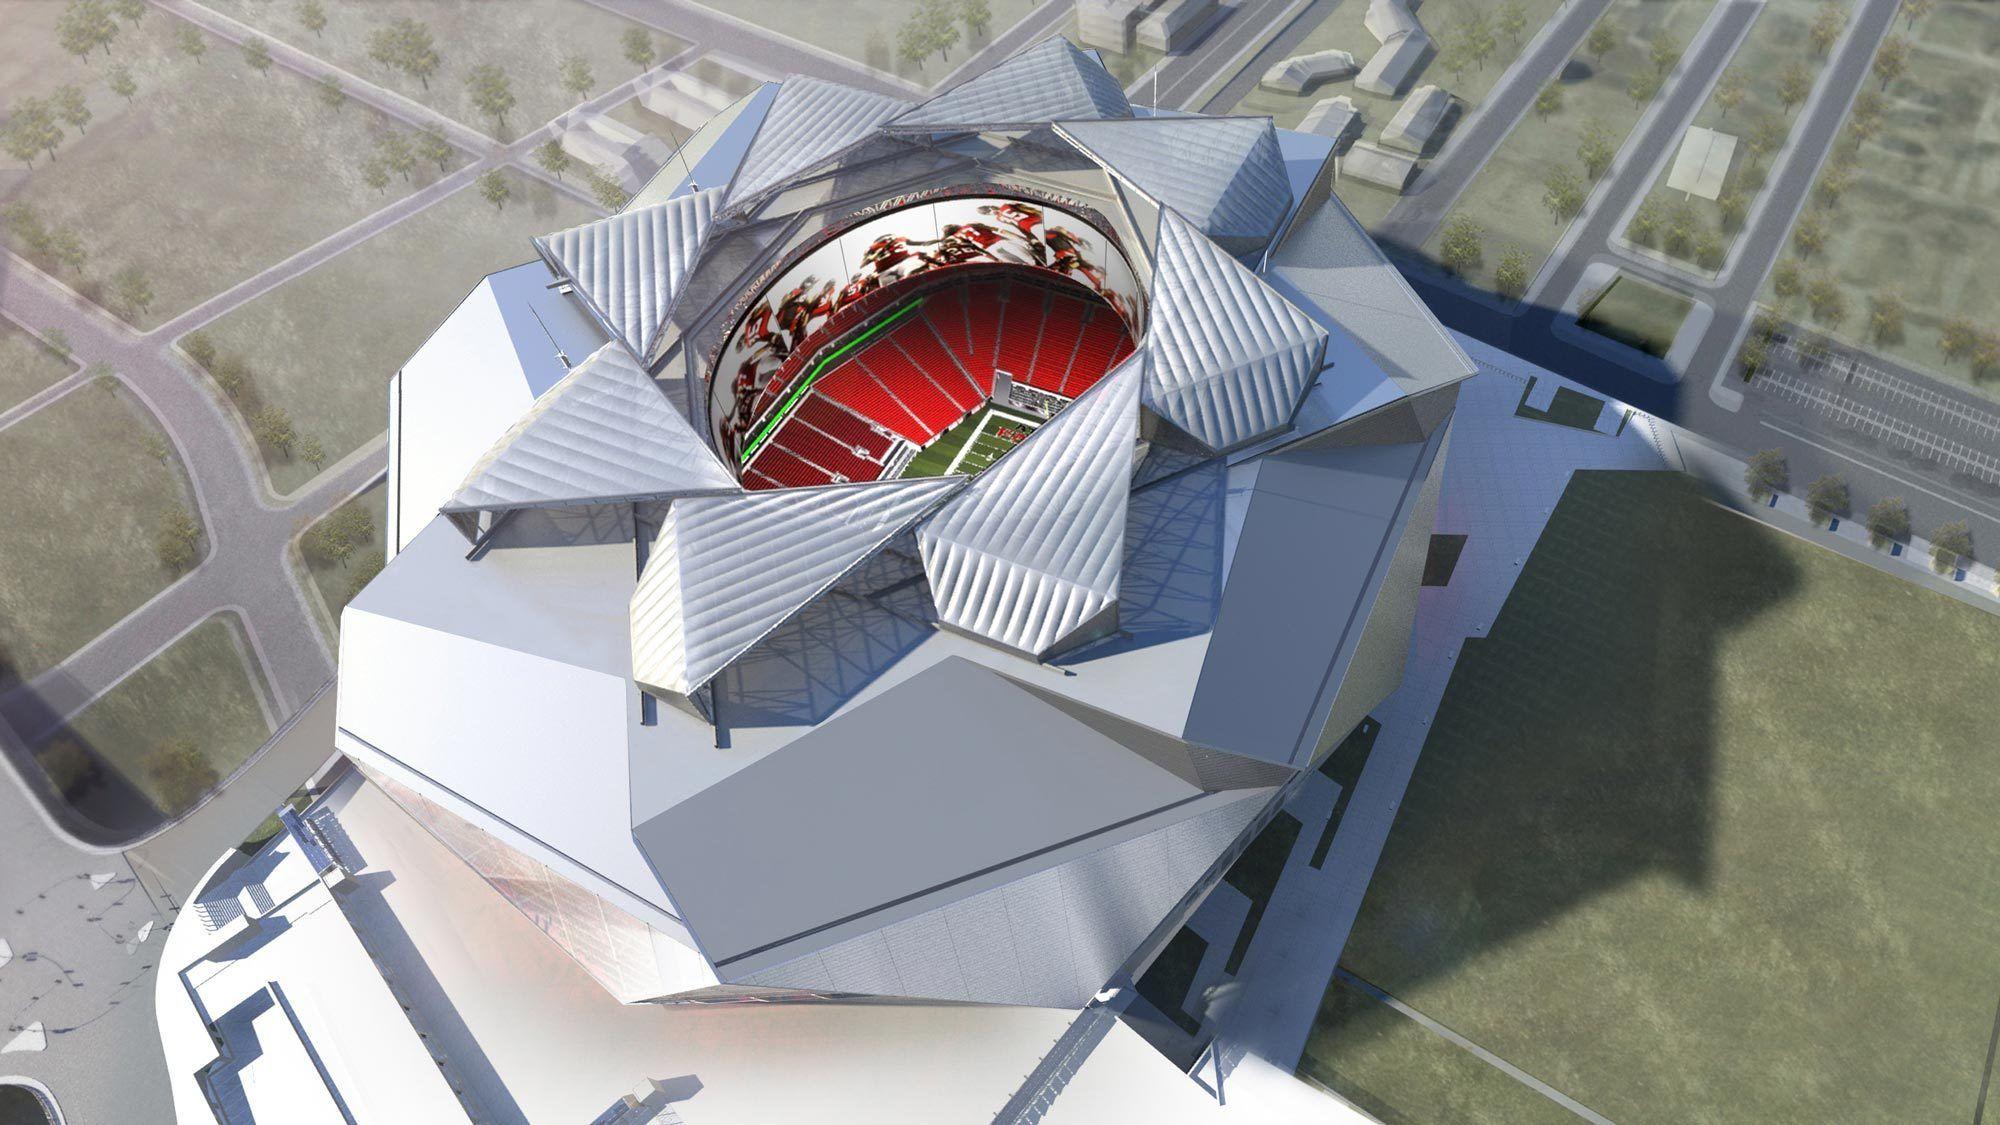 Galería - La cubierta retráctil diseñada por 360 Architecture para el nuevo Estadio de Atlanta - 1